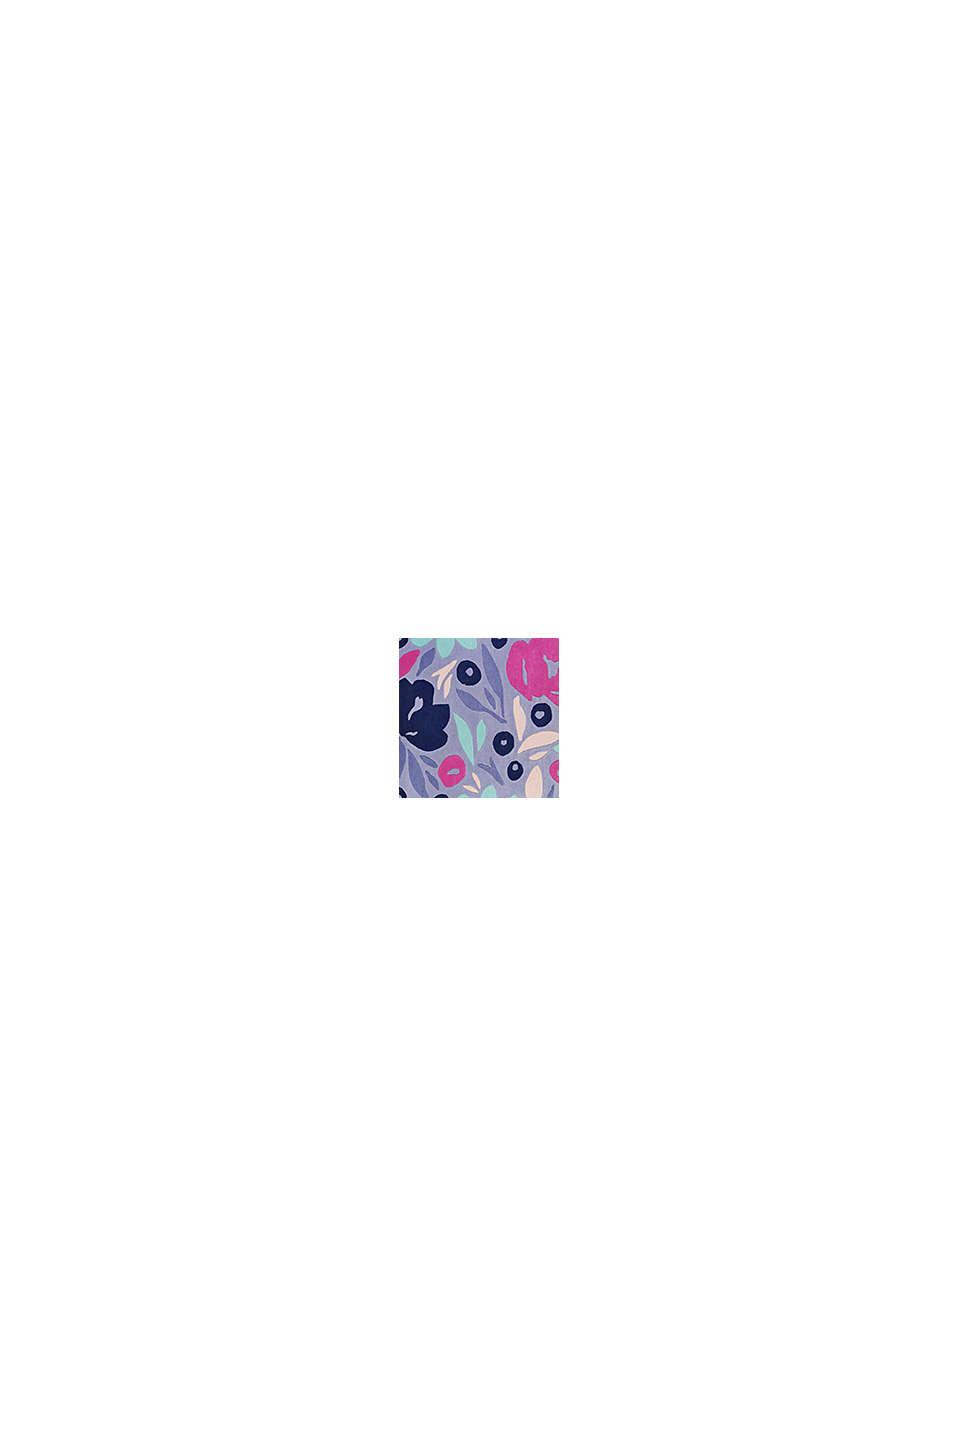 Handgetufteter Kurzflor-Teppich mit Blüten-Muster, BLUE, swatch